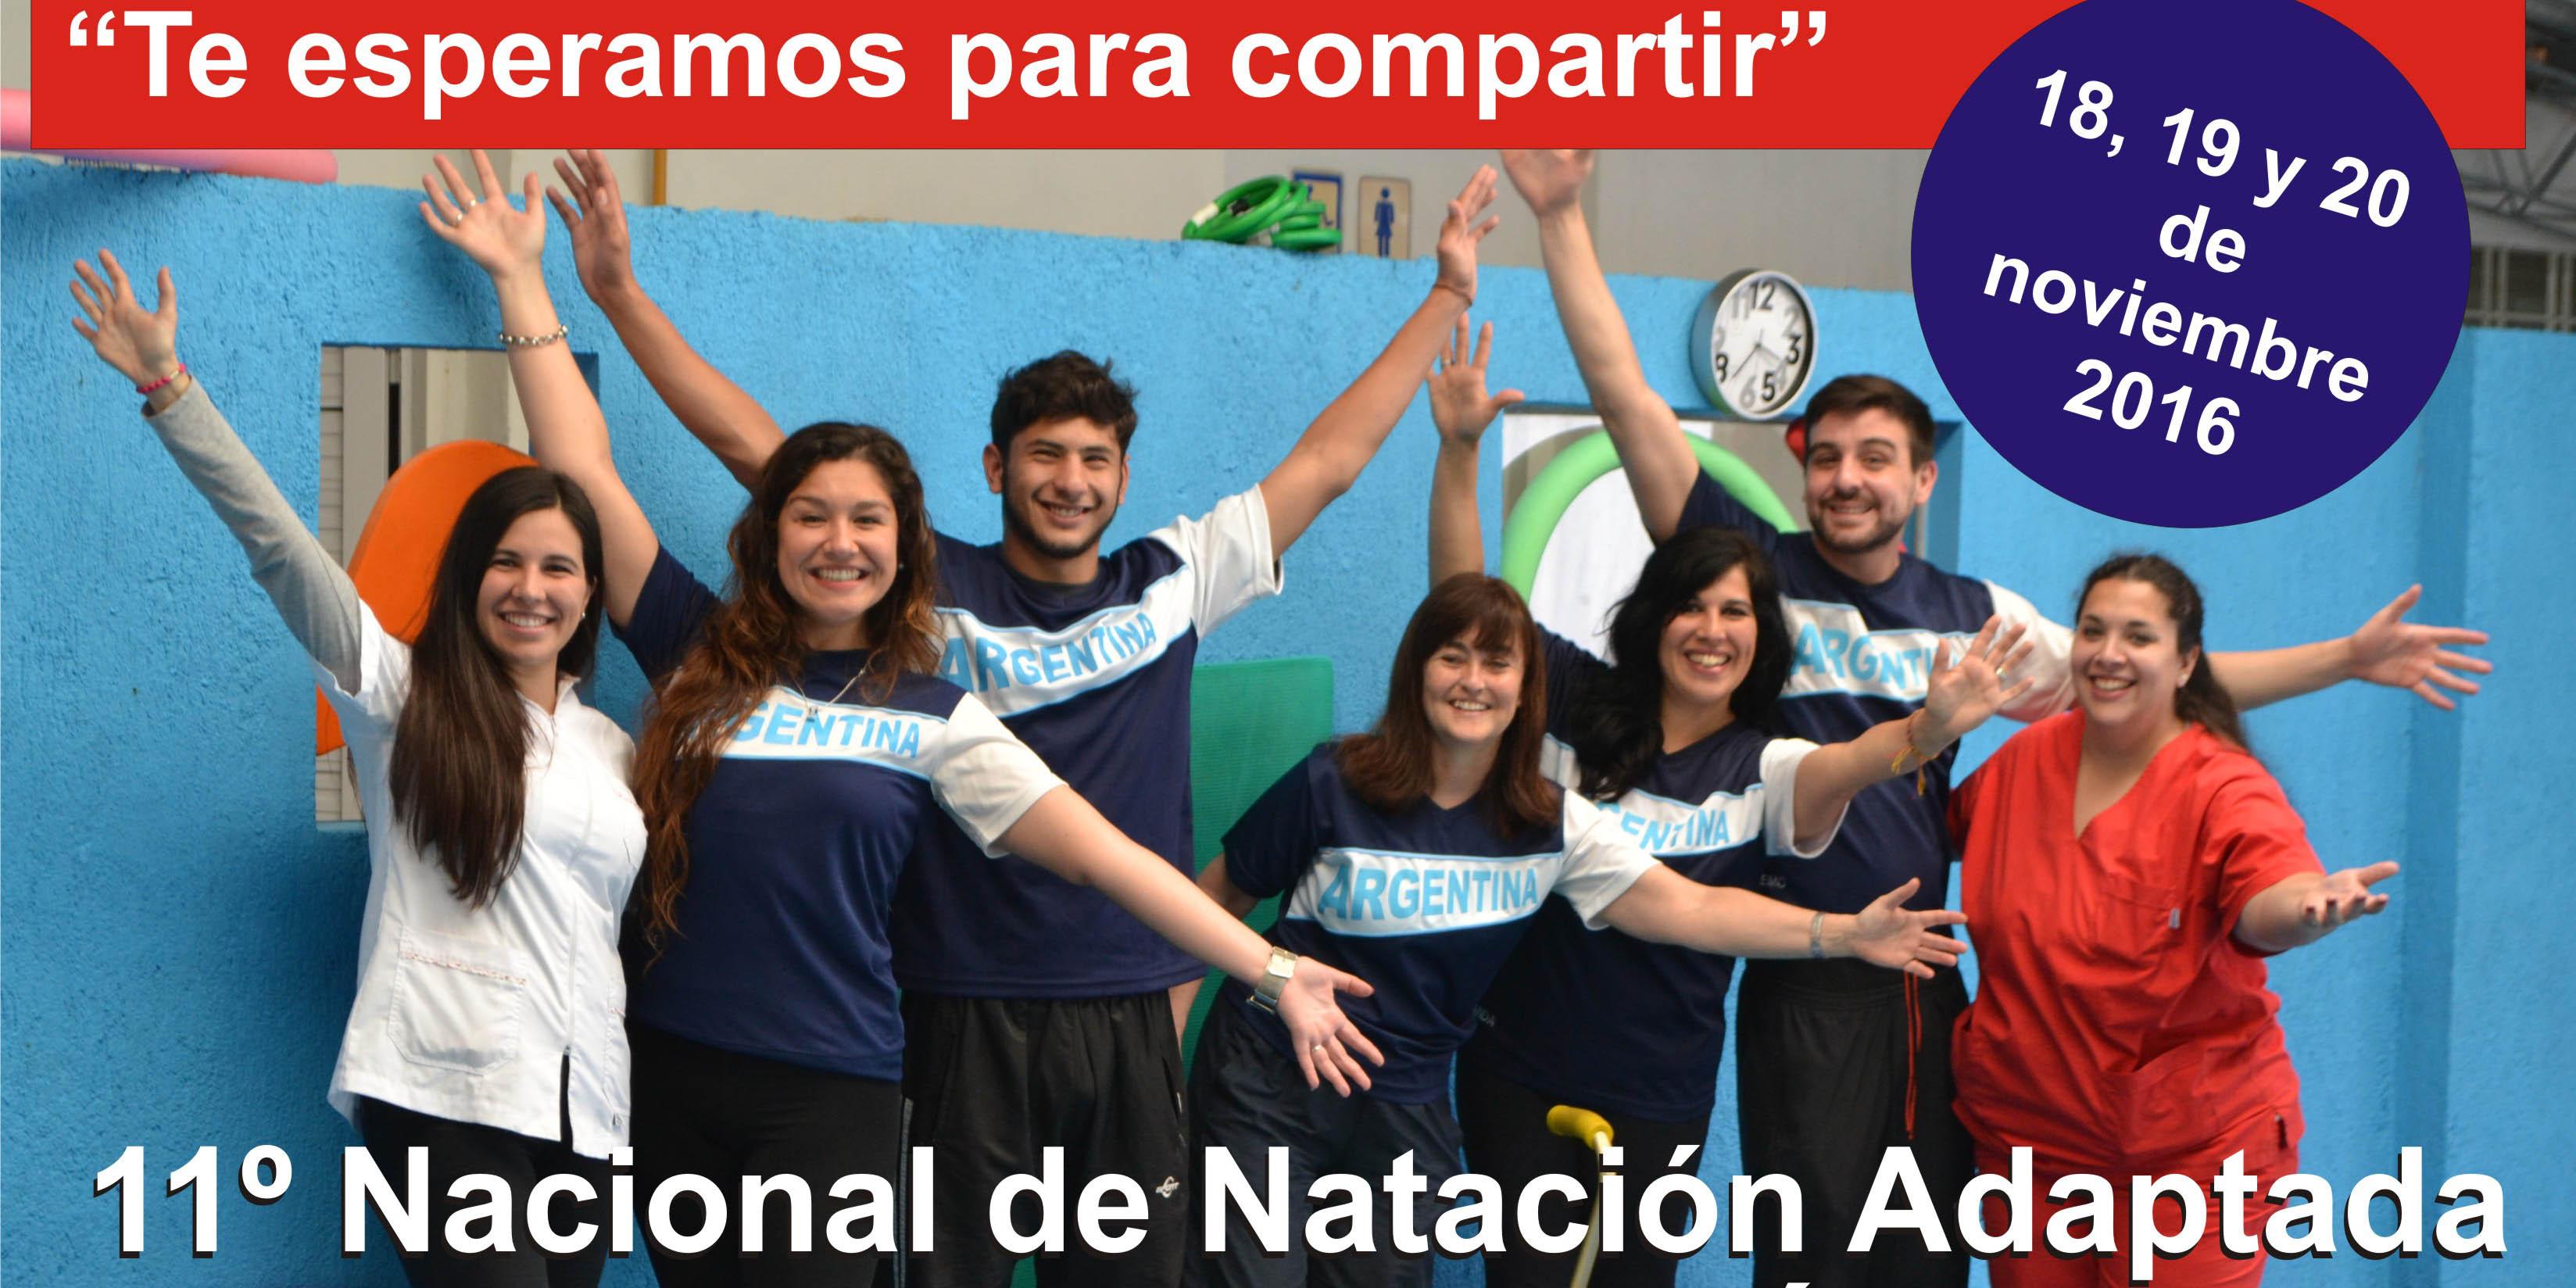 11° Nacional de Natación Adaptada